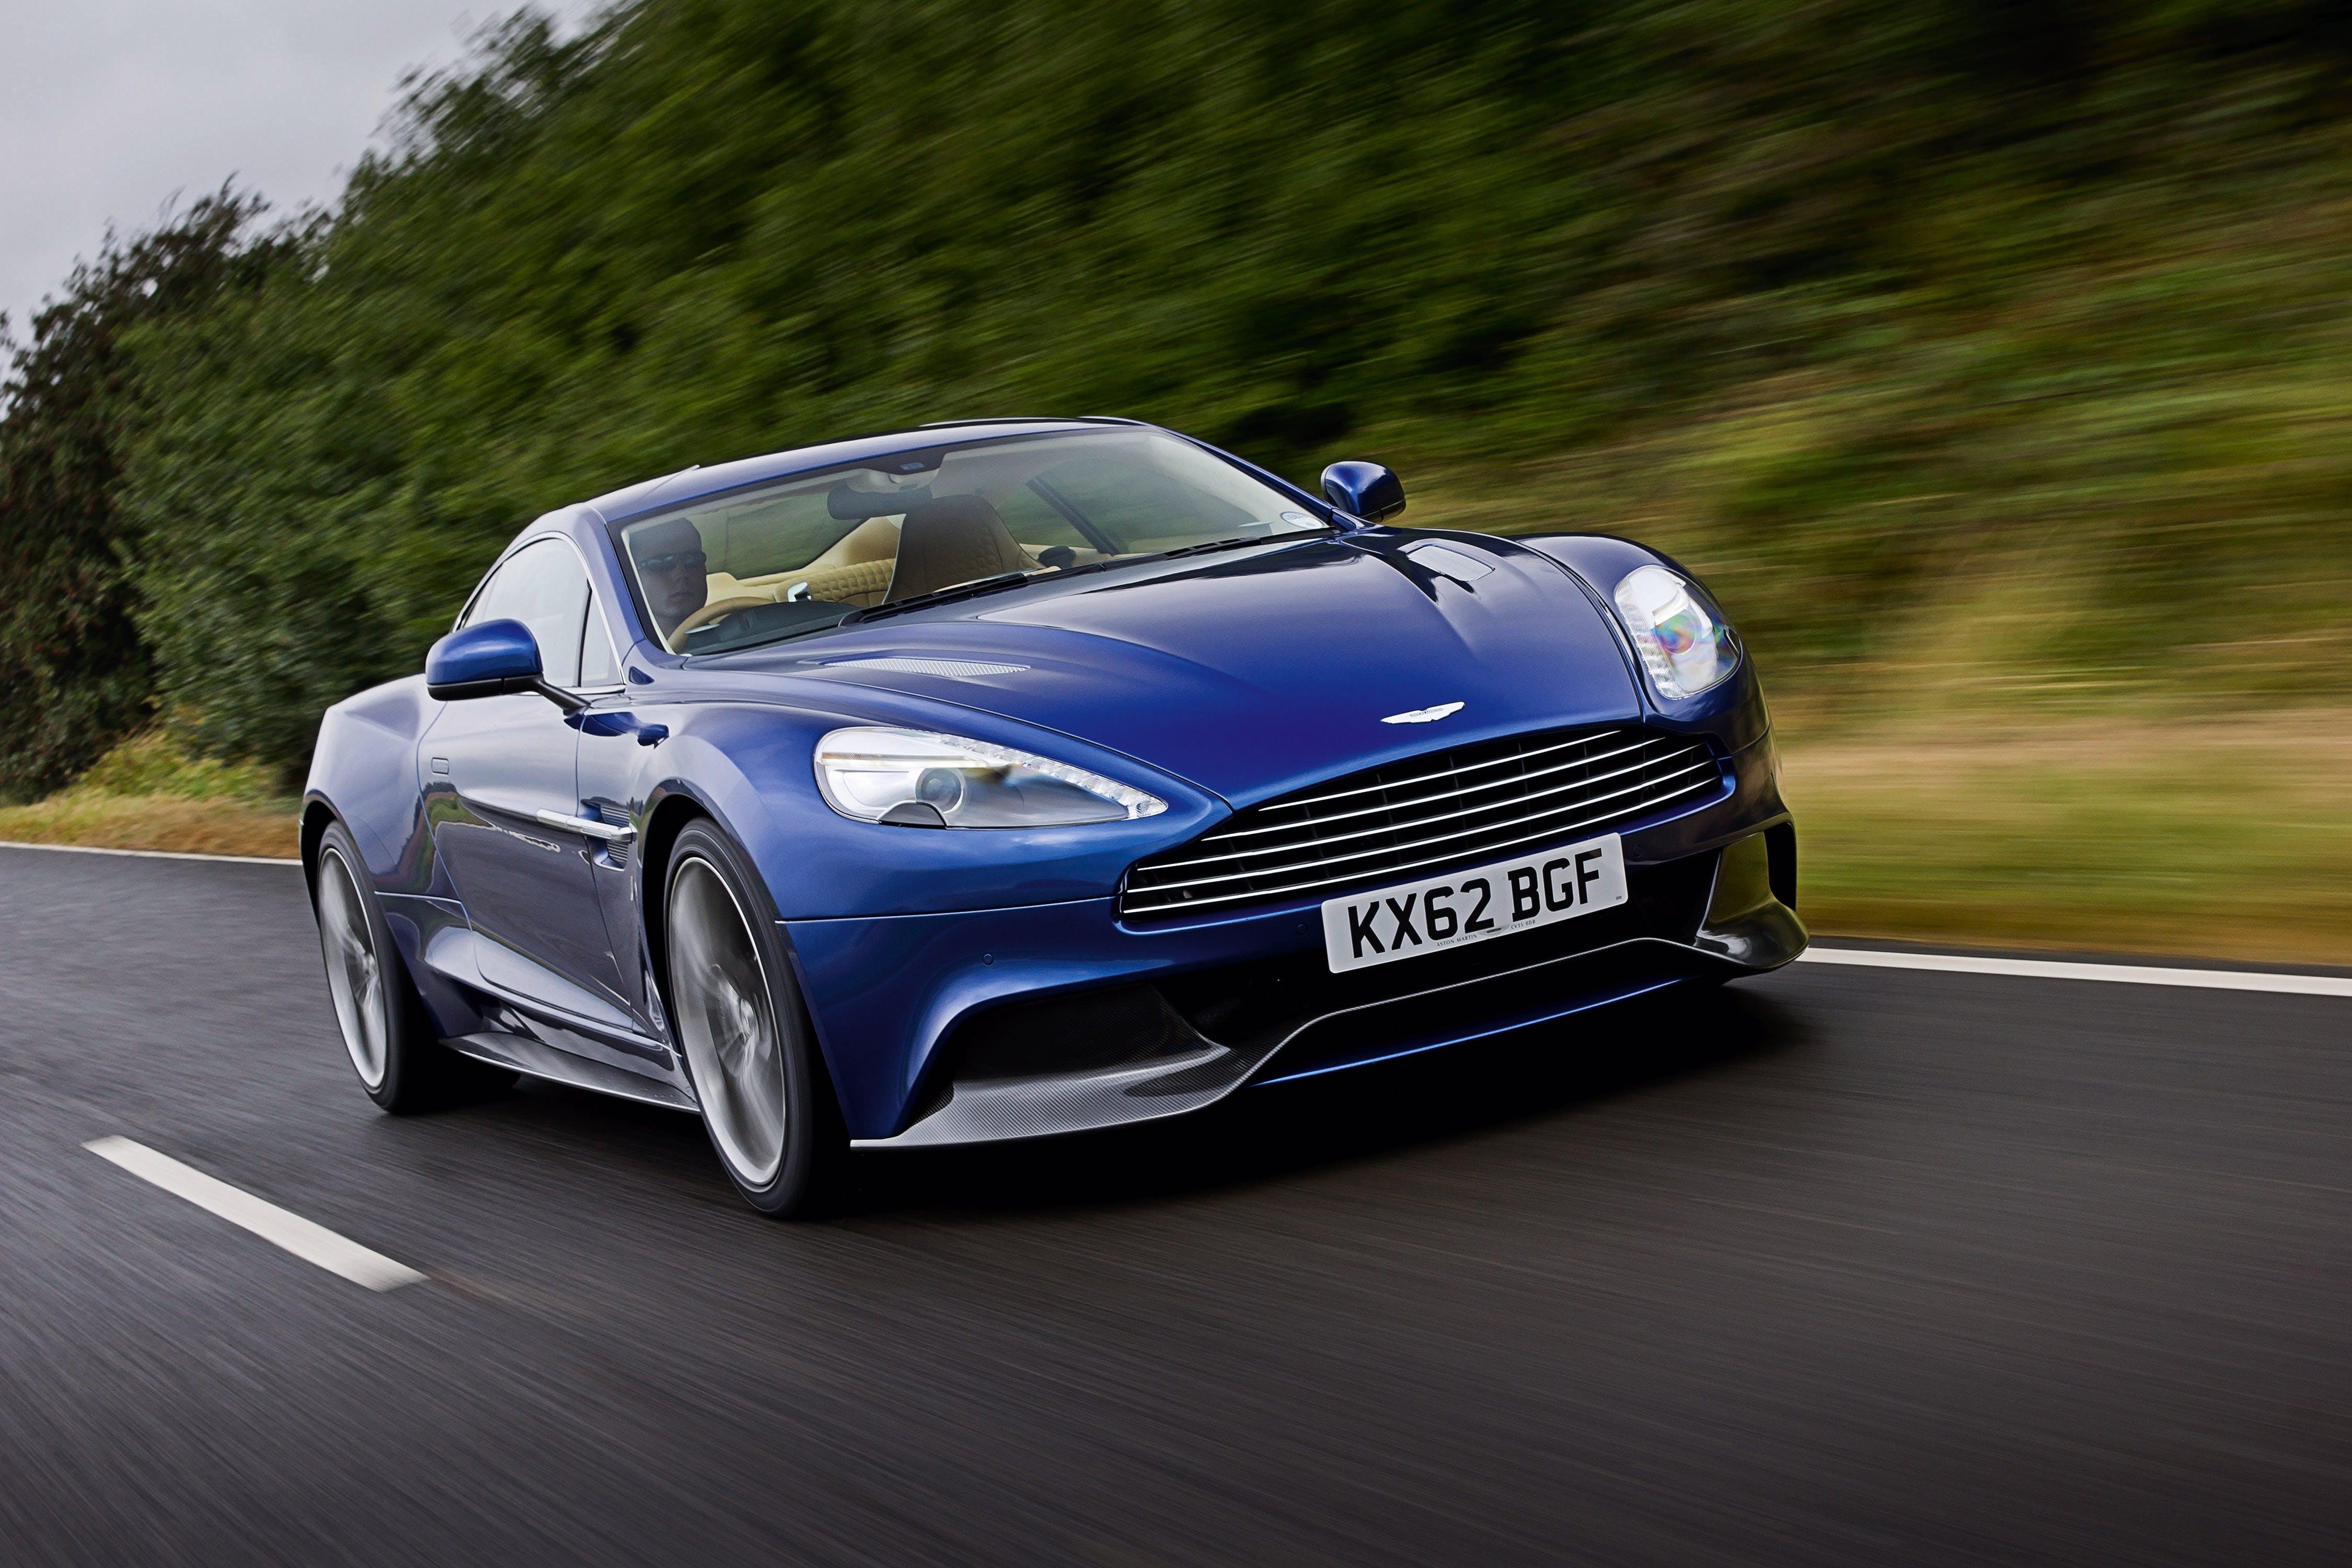 Så meget koster det at leje en Aston Martin | Bilmagasinet.dk